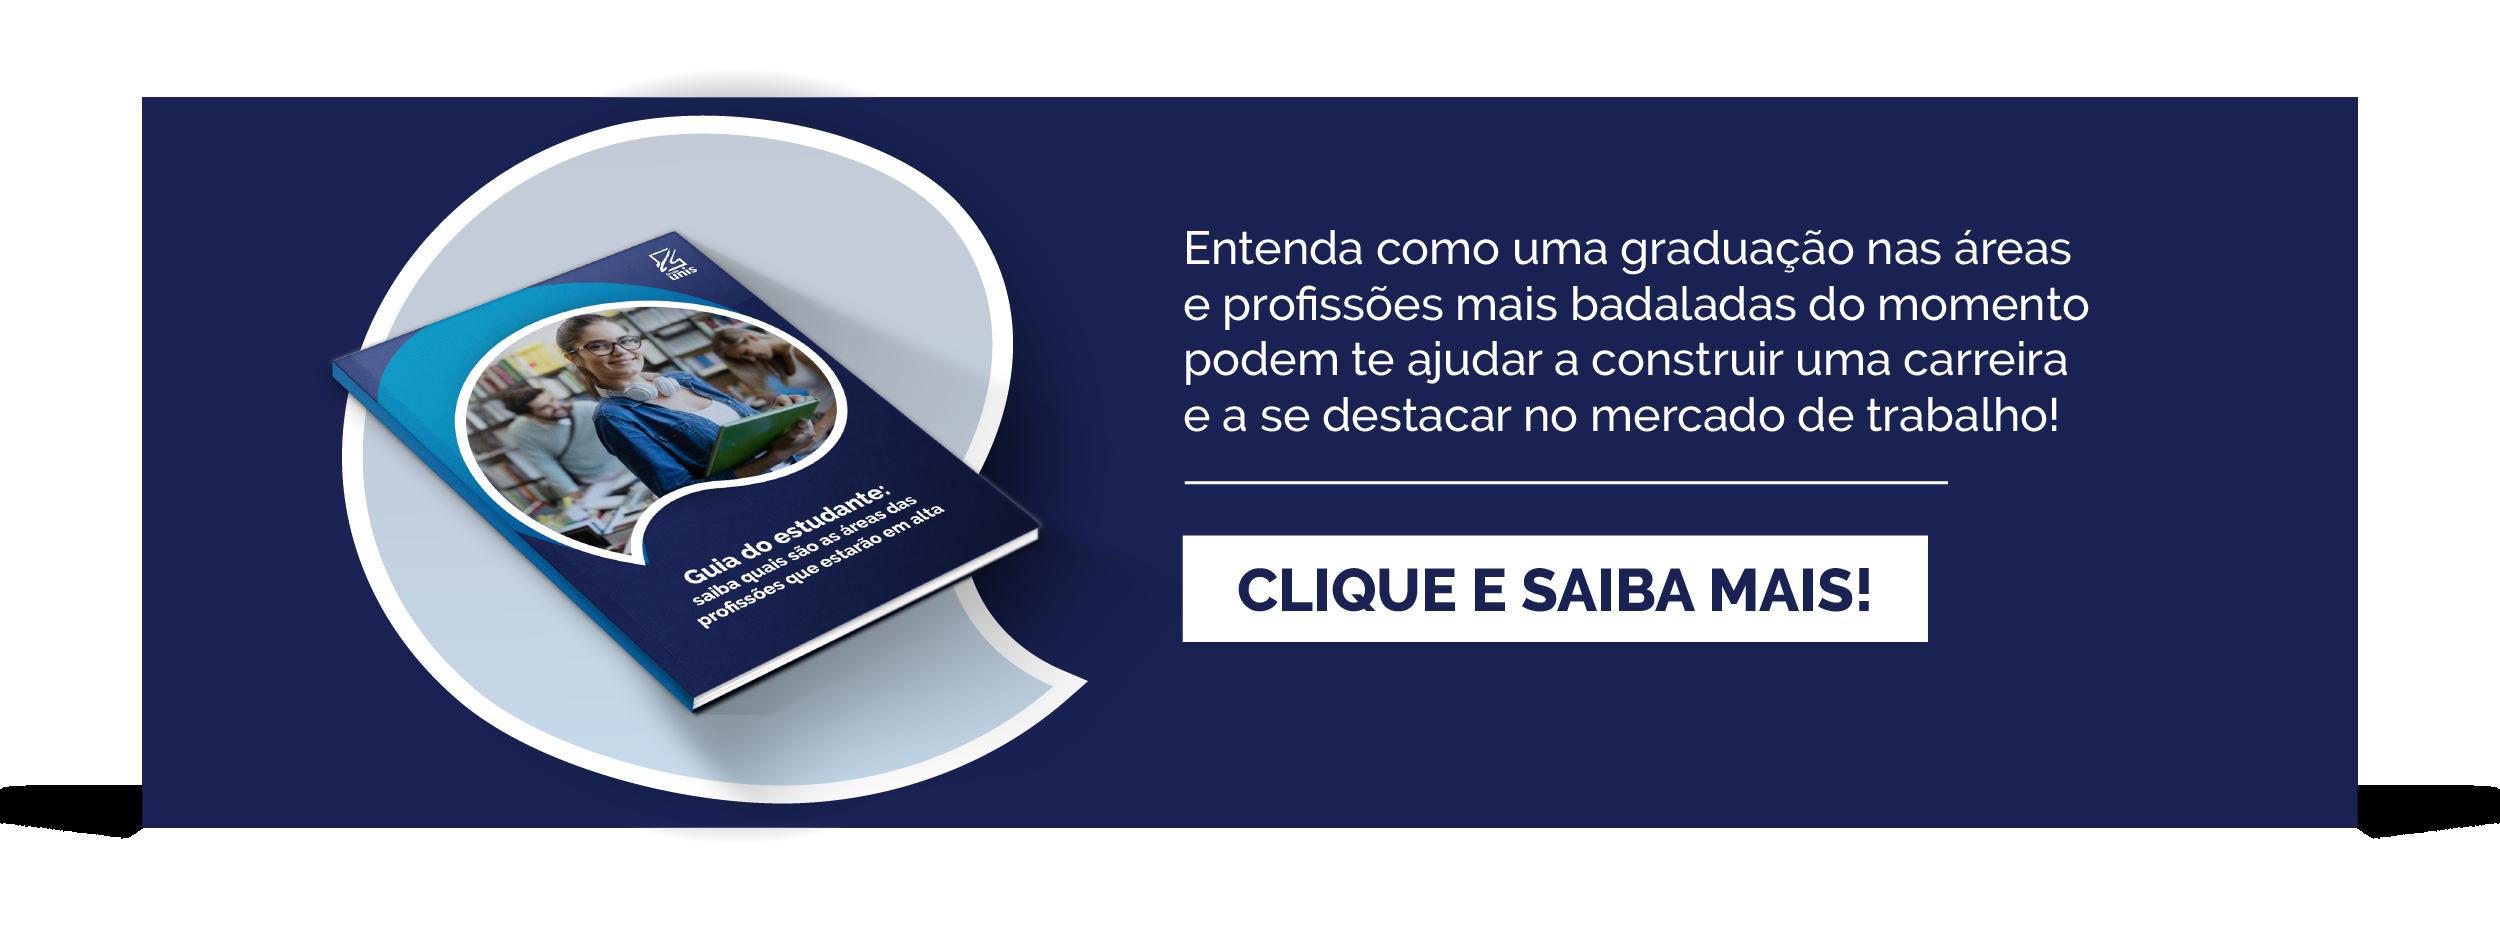 CTA_UNIS_Guia do estudante_1